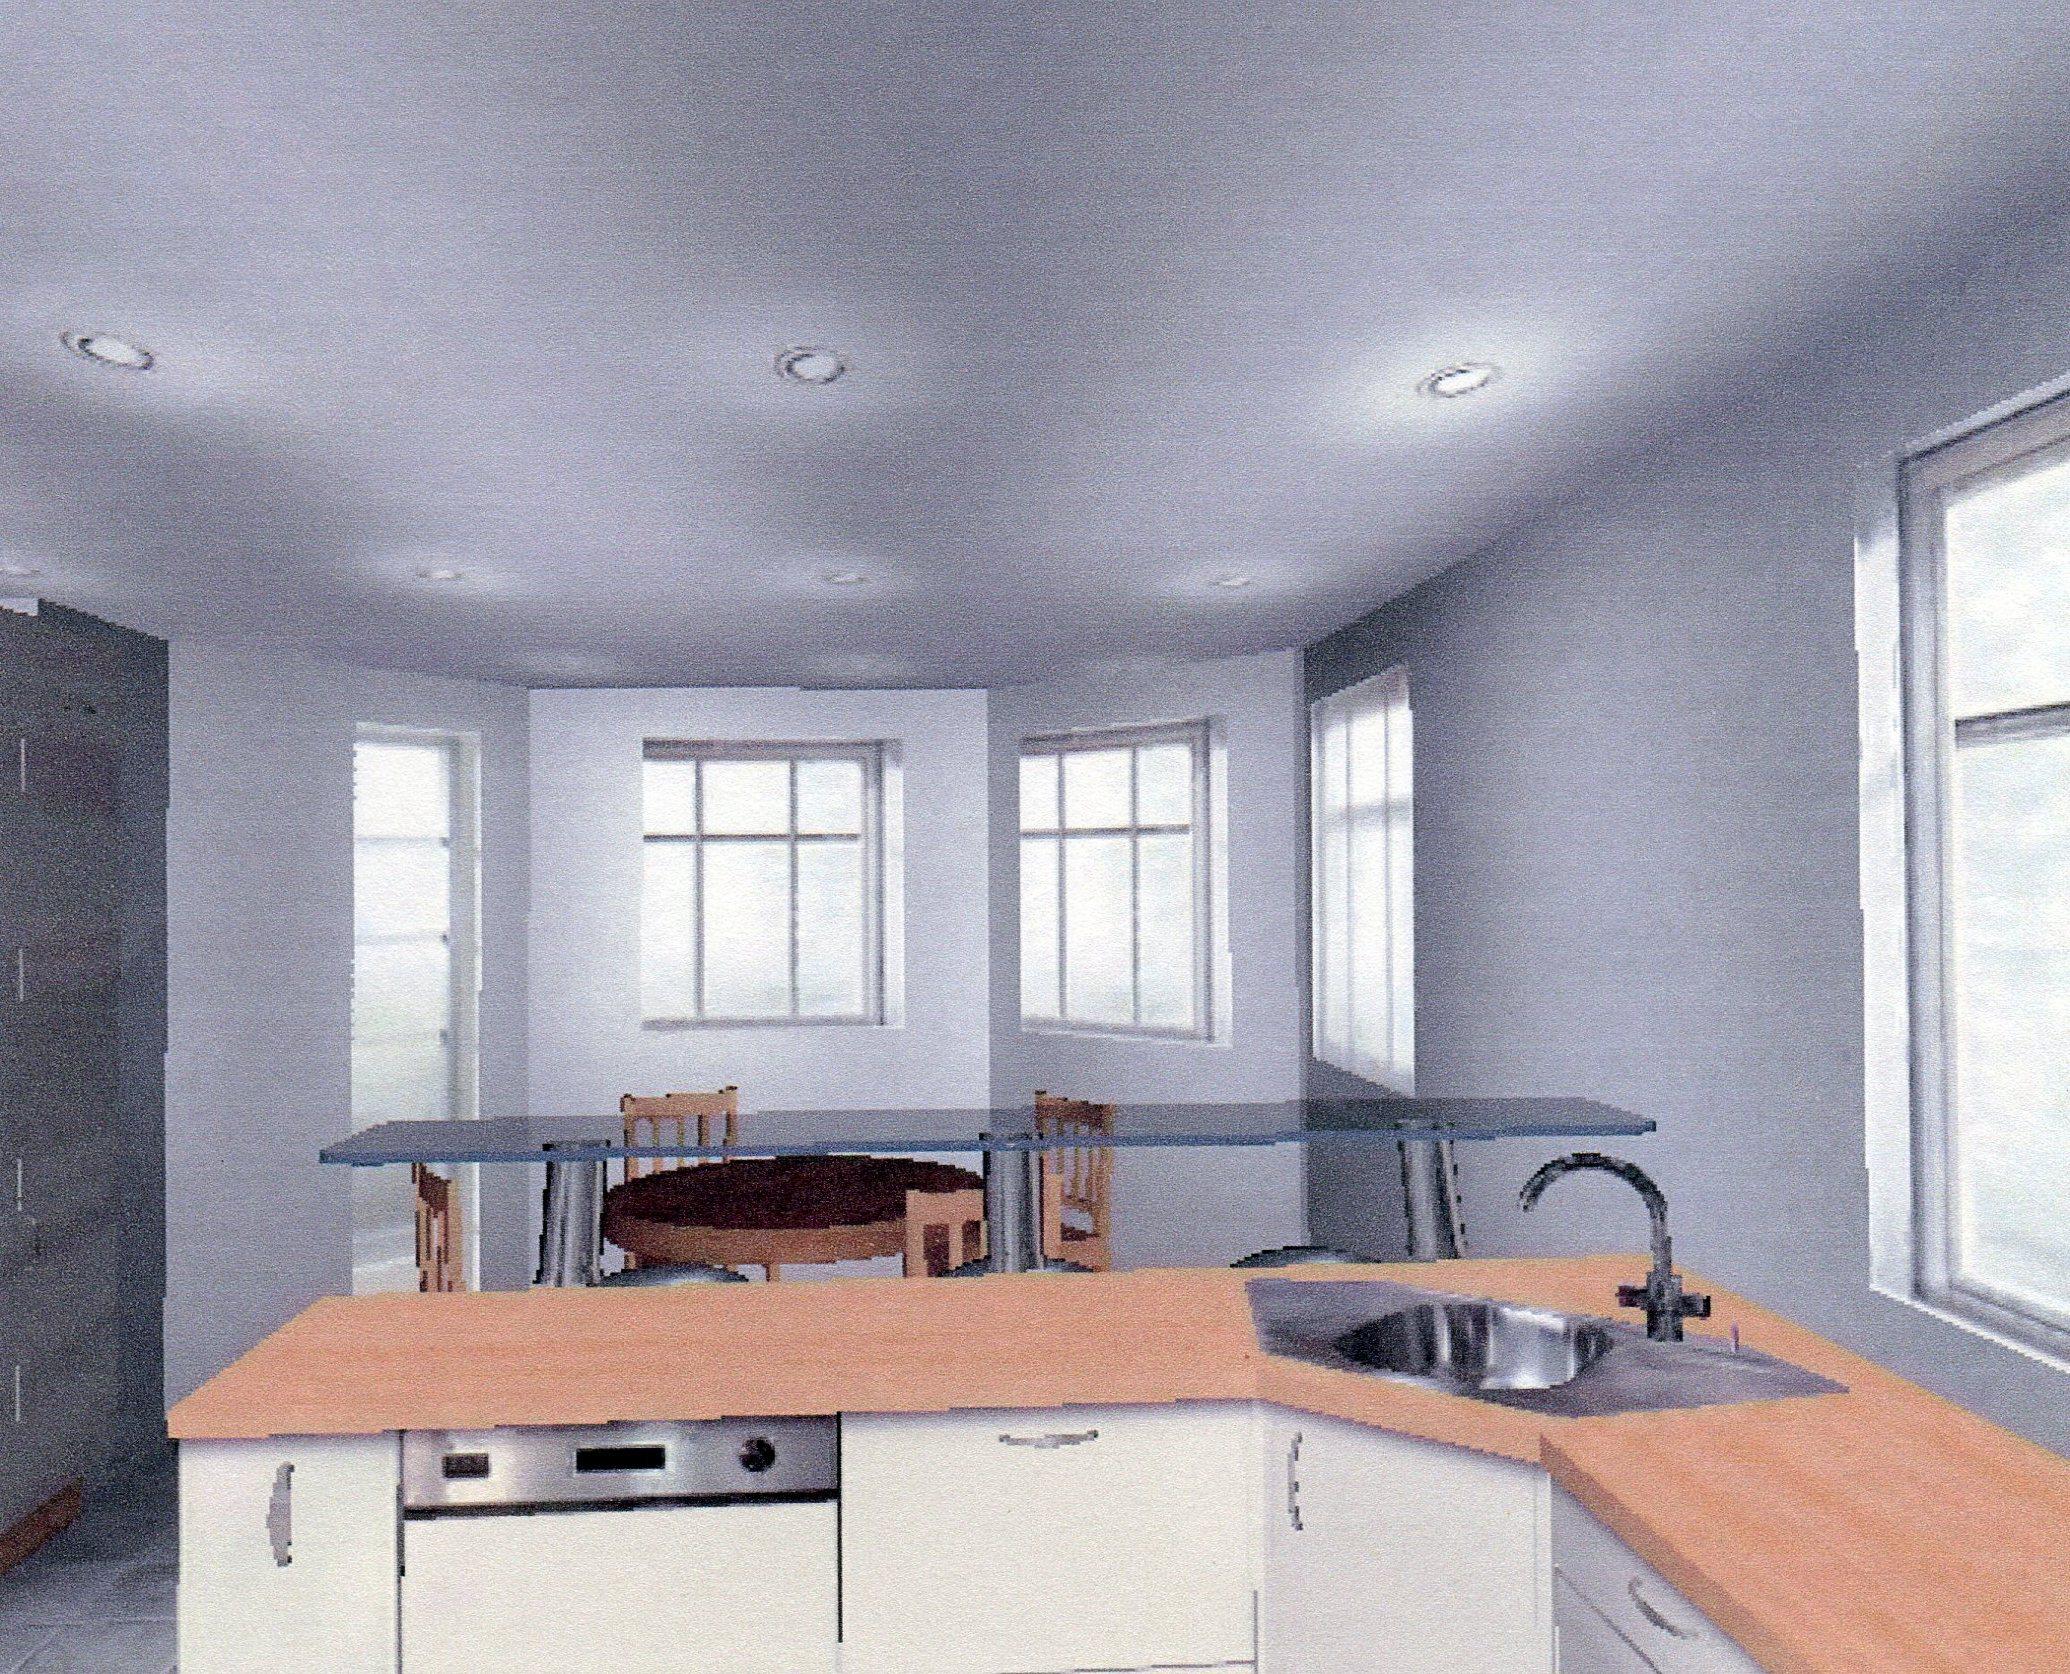 neubau - küchenplanung | küchenausstattung forum | chefkoch.de